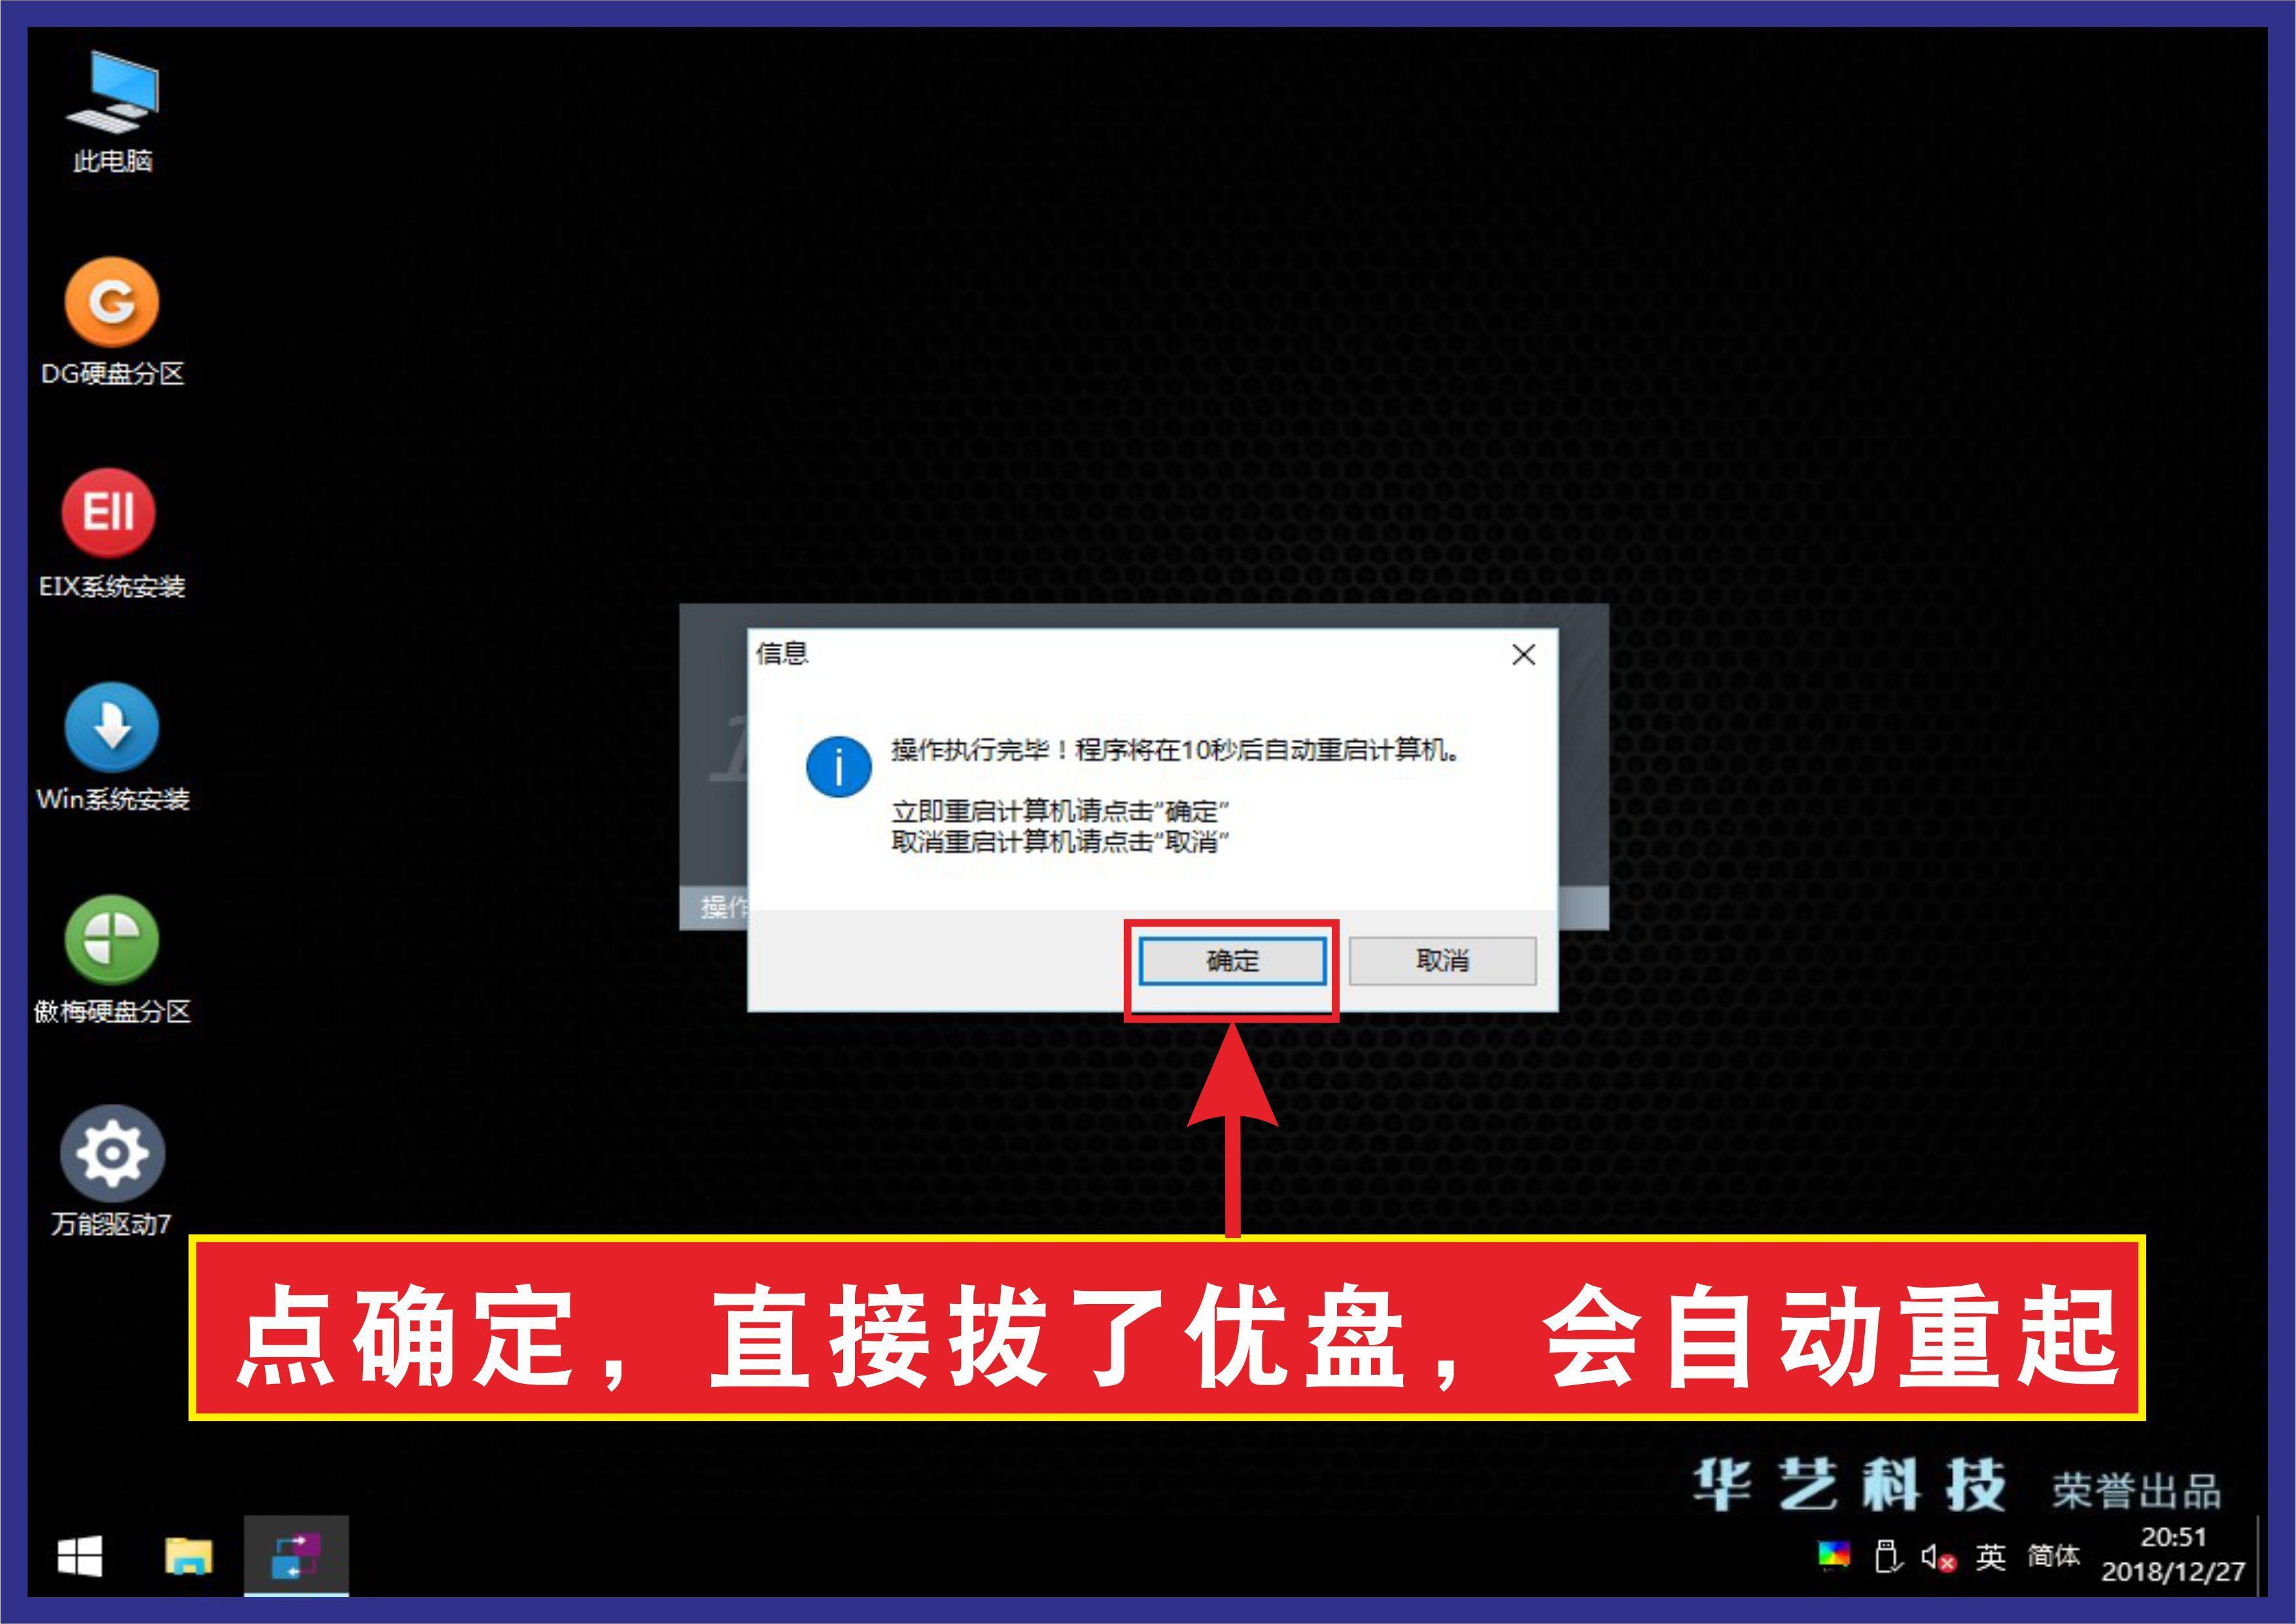 Windows7原版系统安装教程网店客服技巧图片